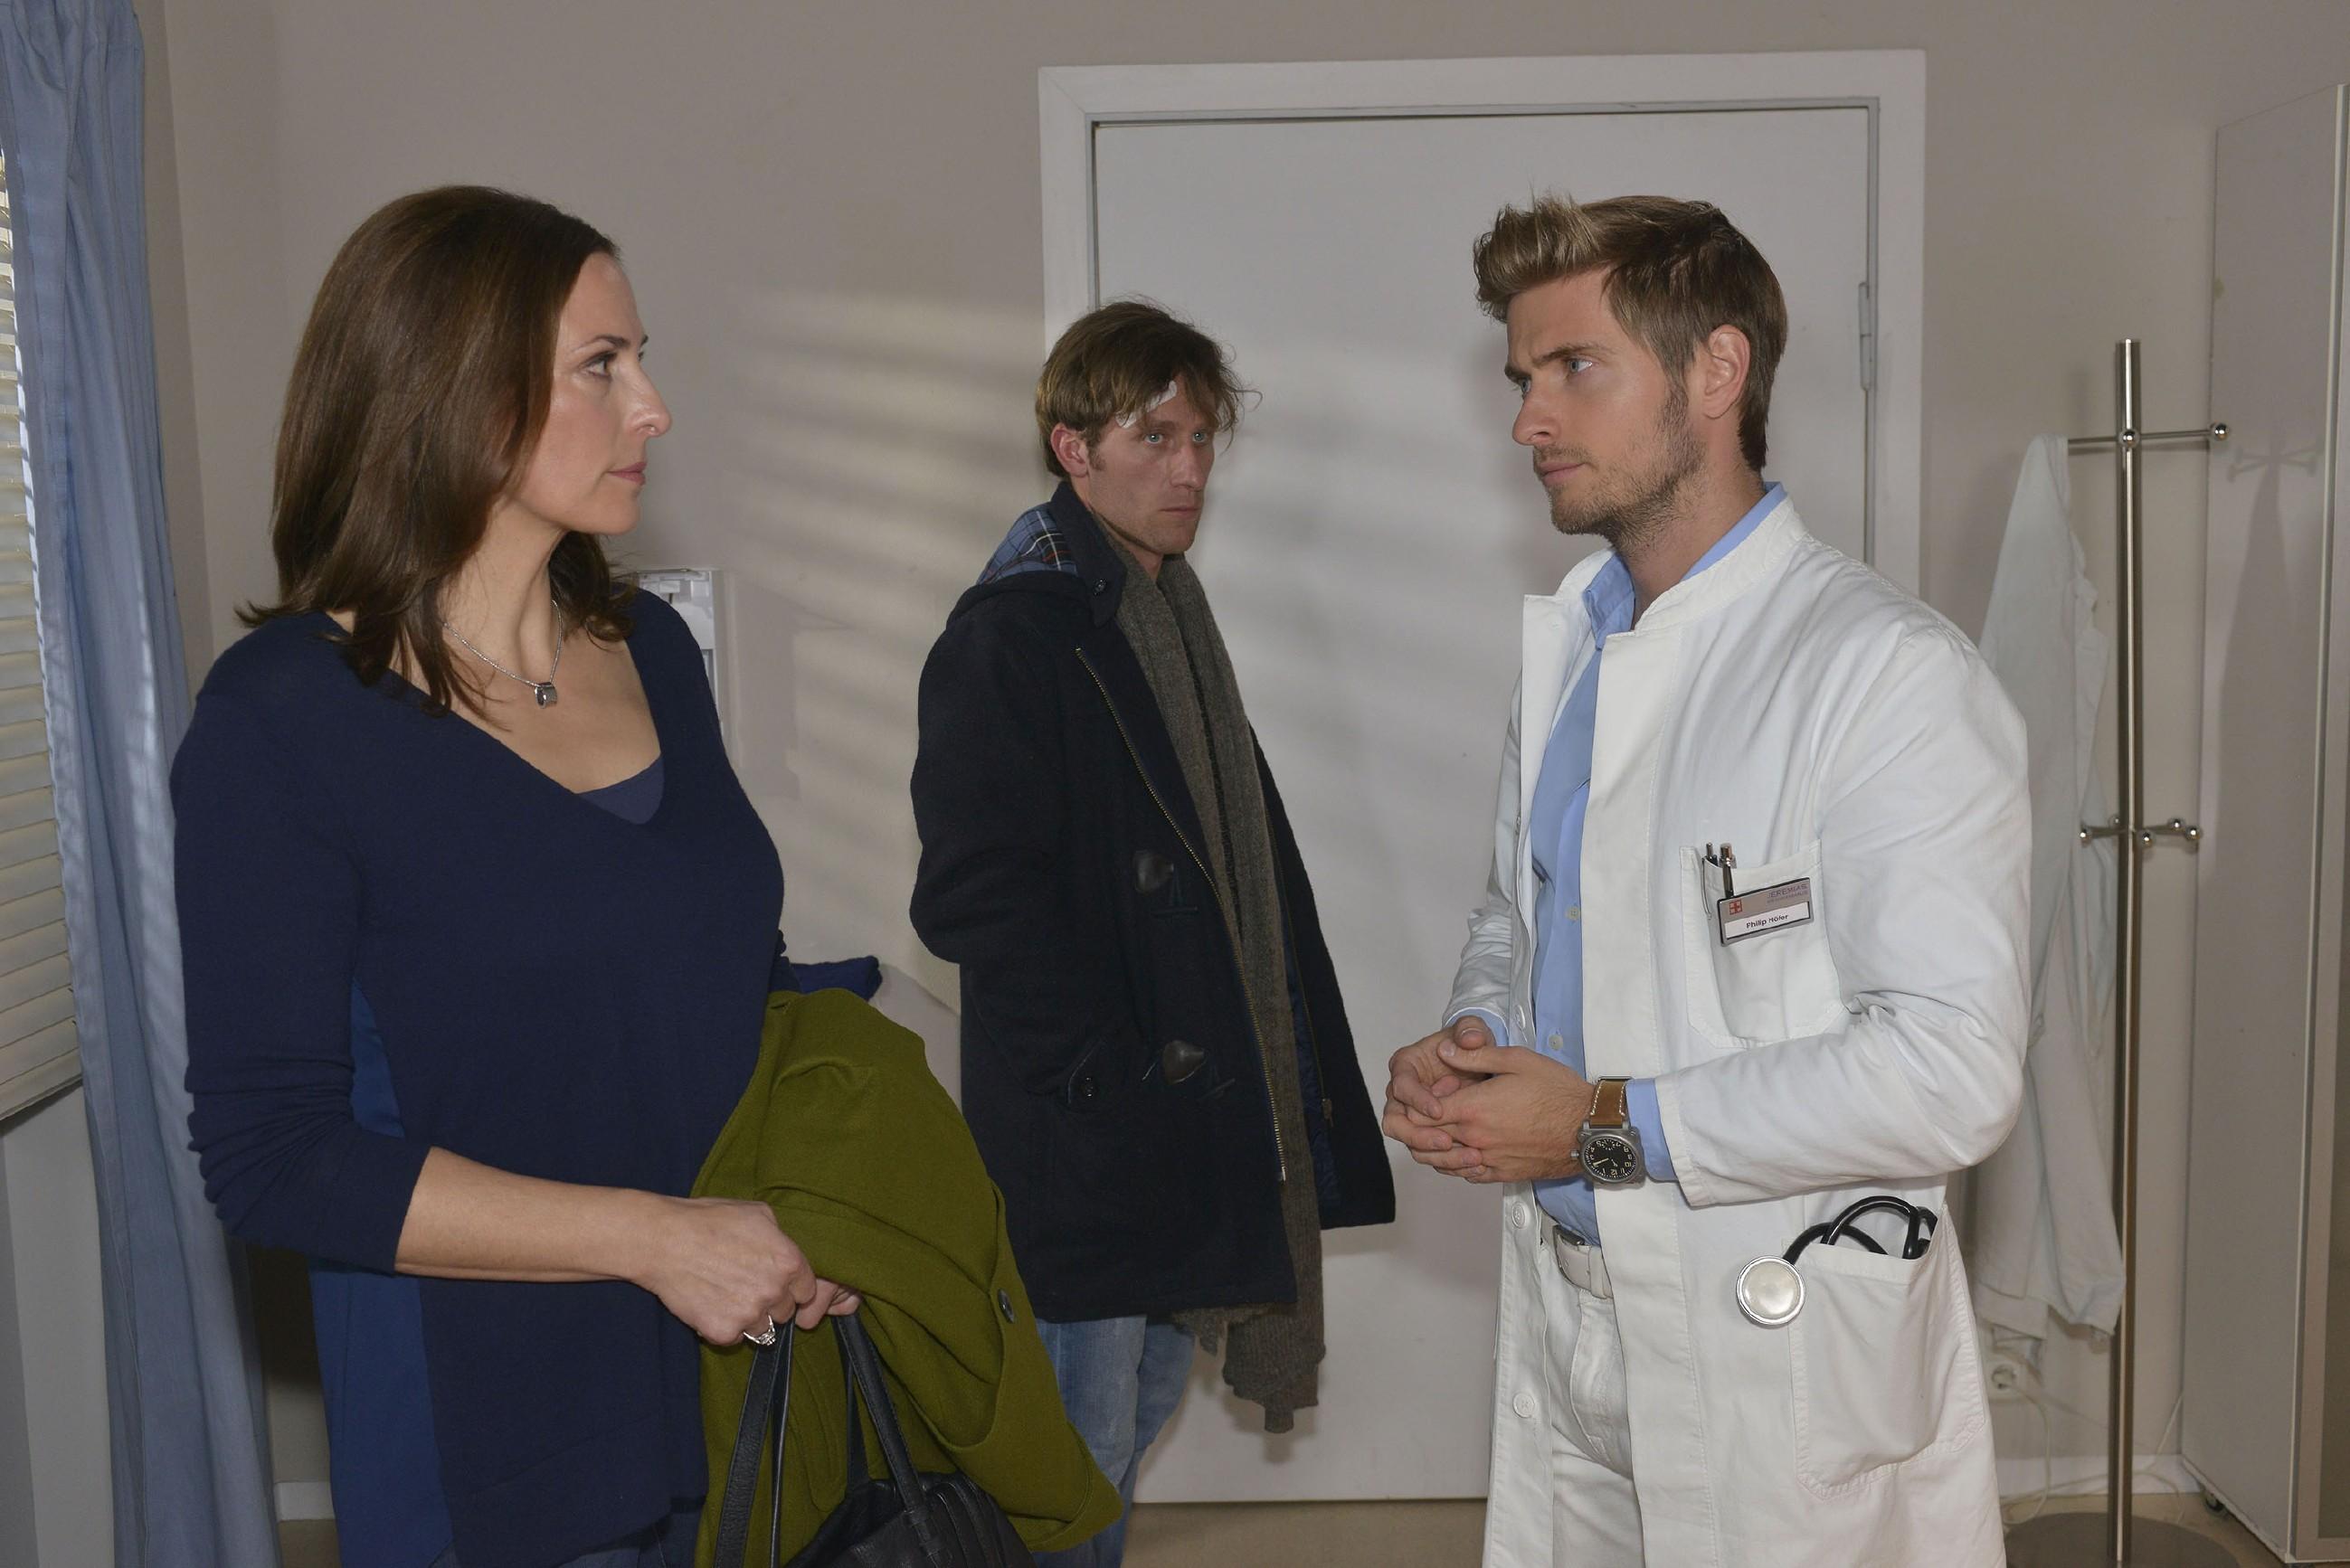 Philip (Jörn Schlönvoigat, r.) kann Katrin (Ulrike Frank) und Till (Merlin Leonhardt) bezüglich Tills Krankheit wenig Hoffnung machen. (Quelle: RTL / Rolf Baumgartner)